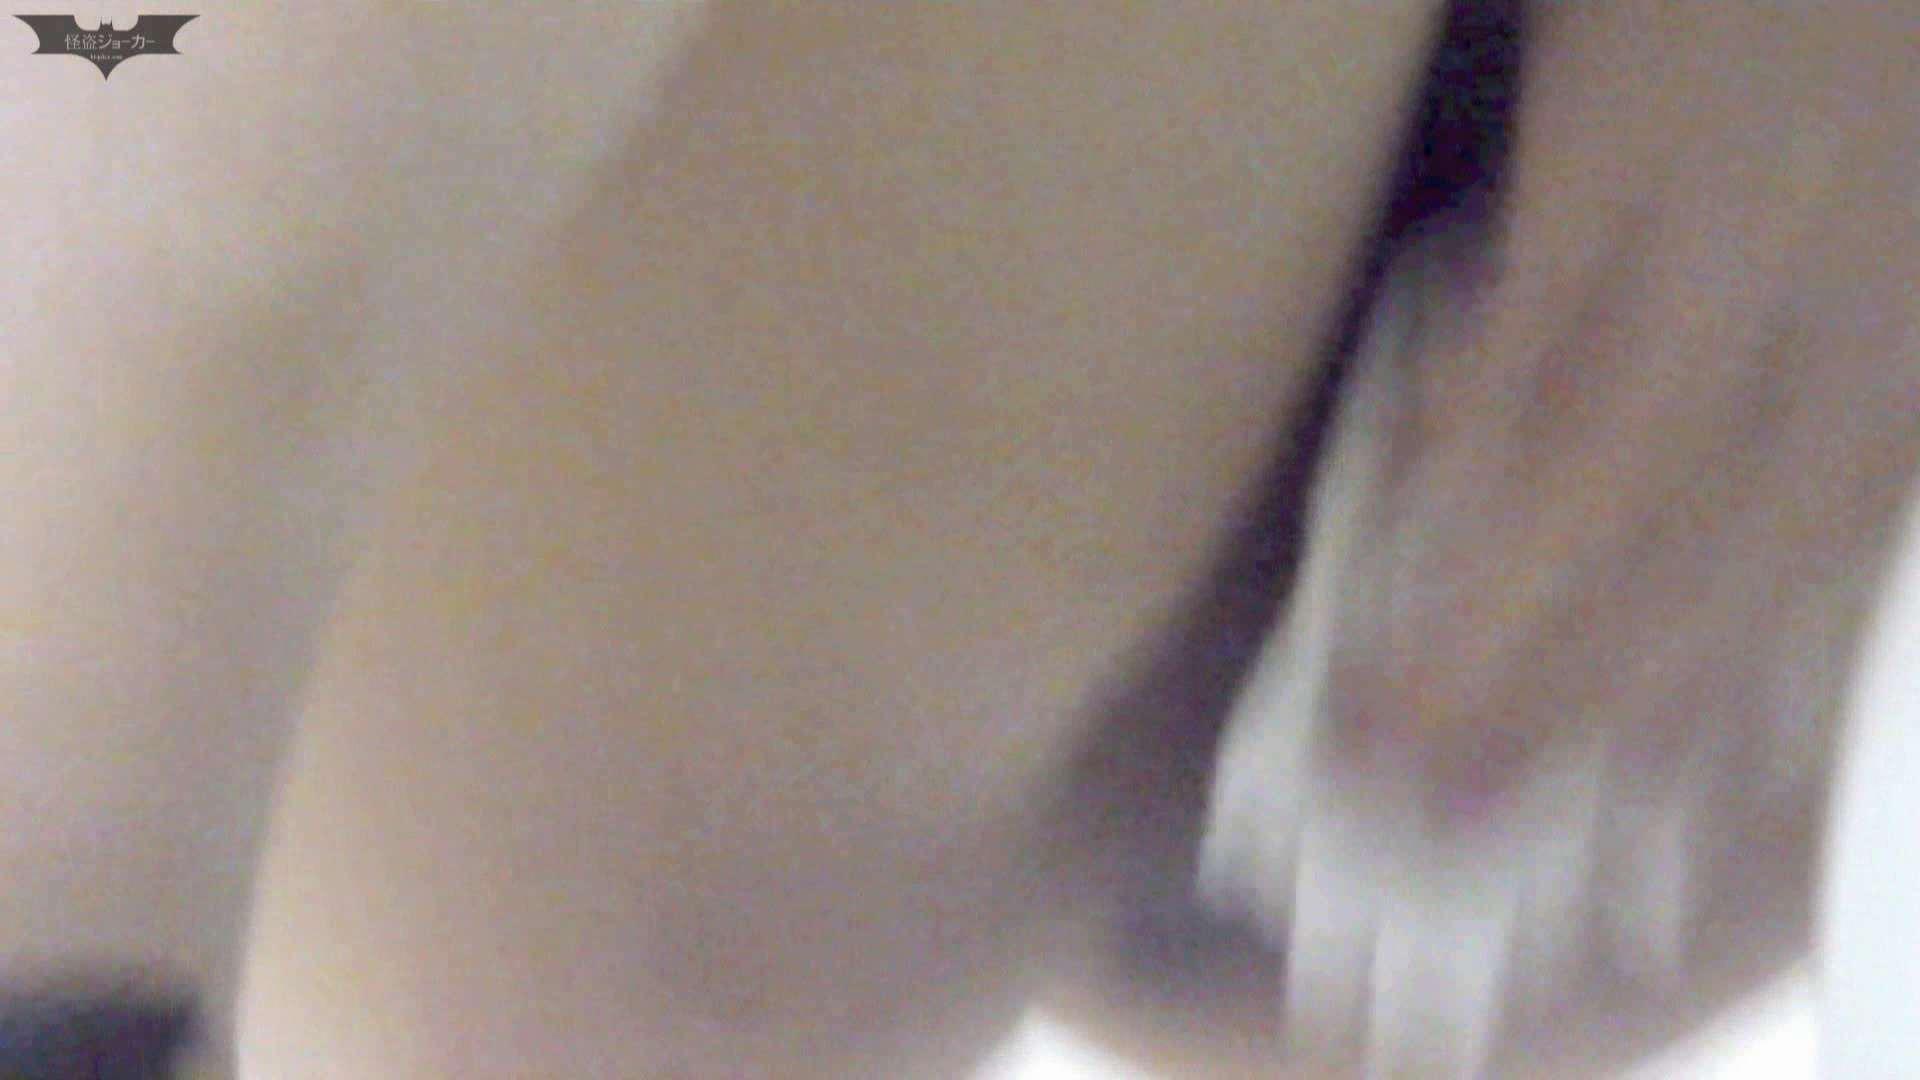 【潜入トイレ盗撮】洗面所特攻隊 vol.70 極上品の連続、歌いながら美女入室 盗撮エロすぎ | トイレ中  90連発 21